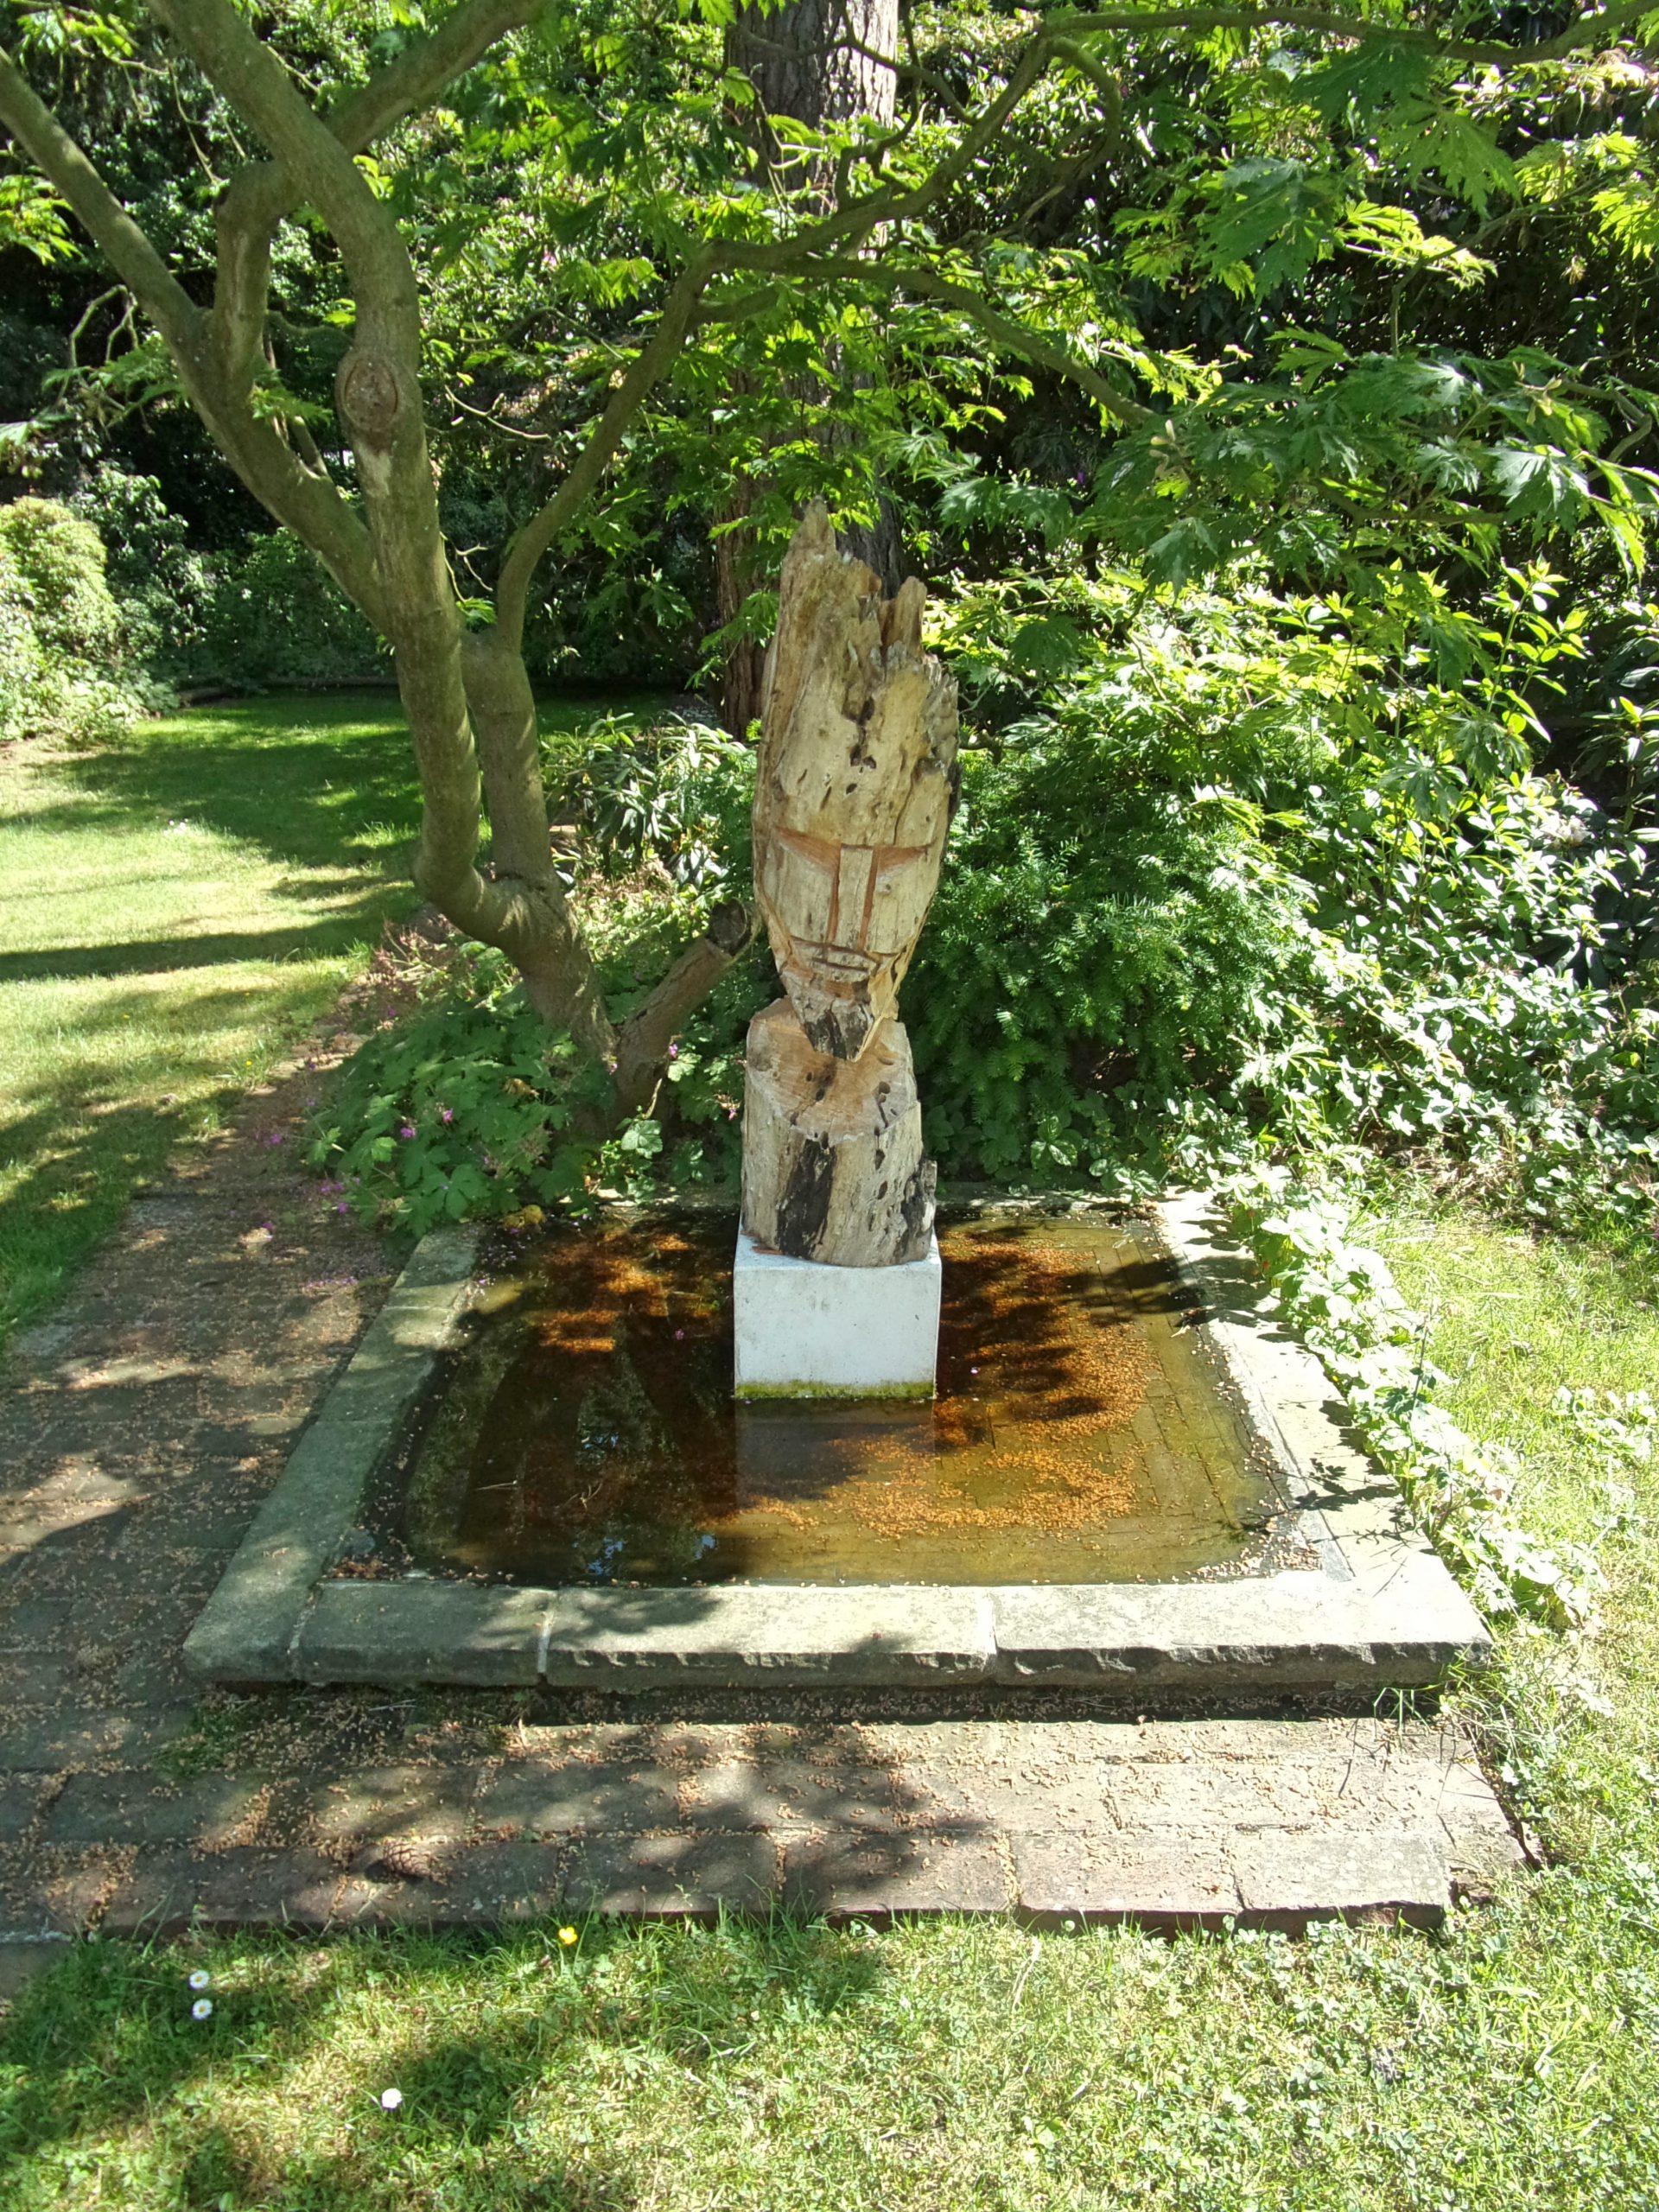 Full Size of Skulpturen Für Den Garten Filelttge Hh Lokstedt Von Peter Hoffmann Wick Leuchtkugel Ferienwohnung In Baden Fsj Württemberg Bodengleiche Duschen Relaxsessel Wohnzimmer Skulpturen Für Den Garten